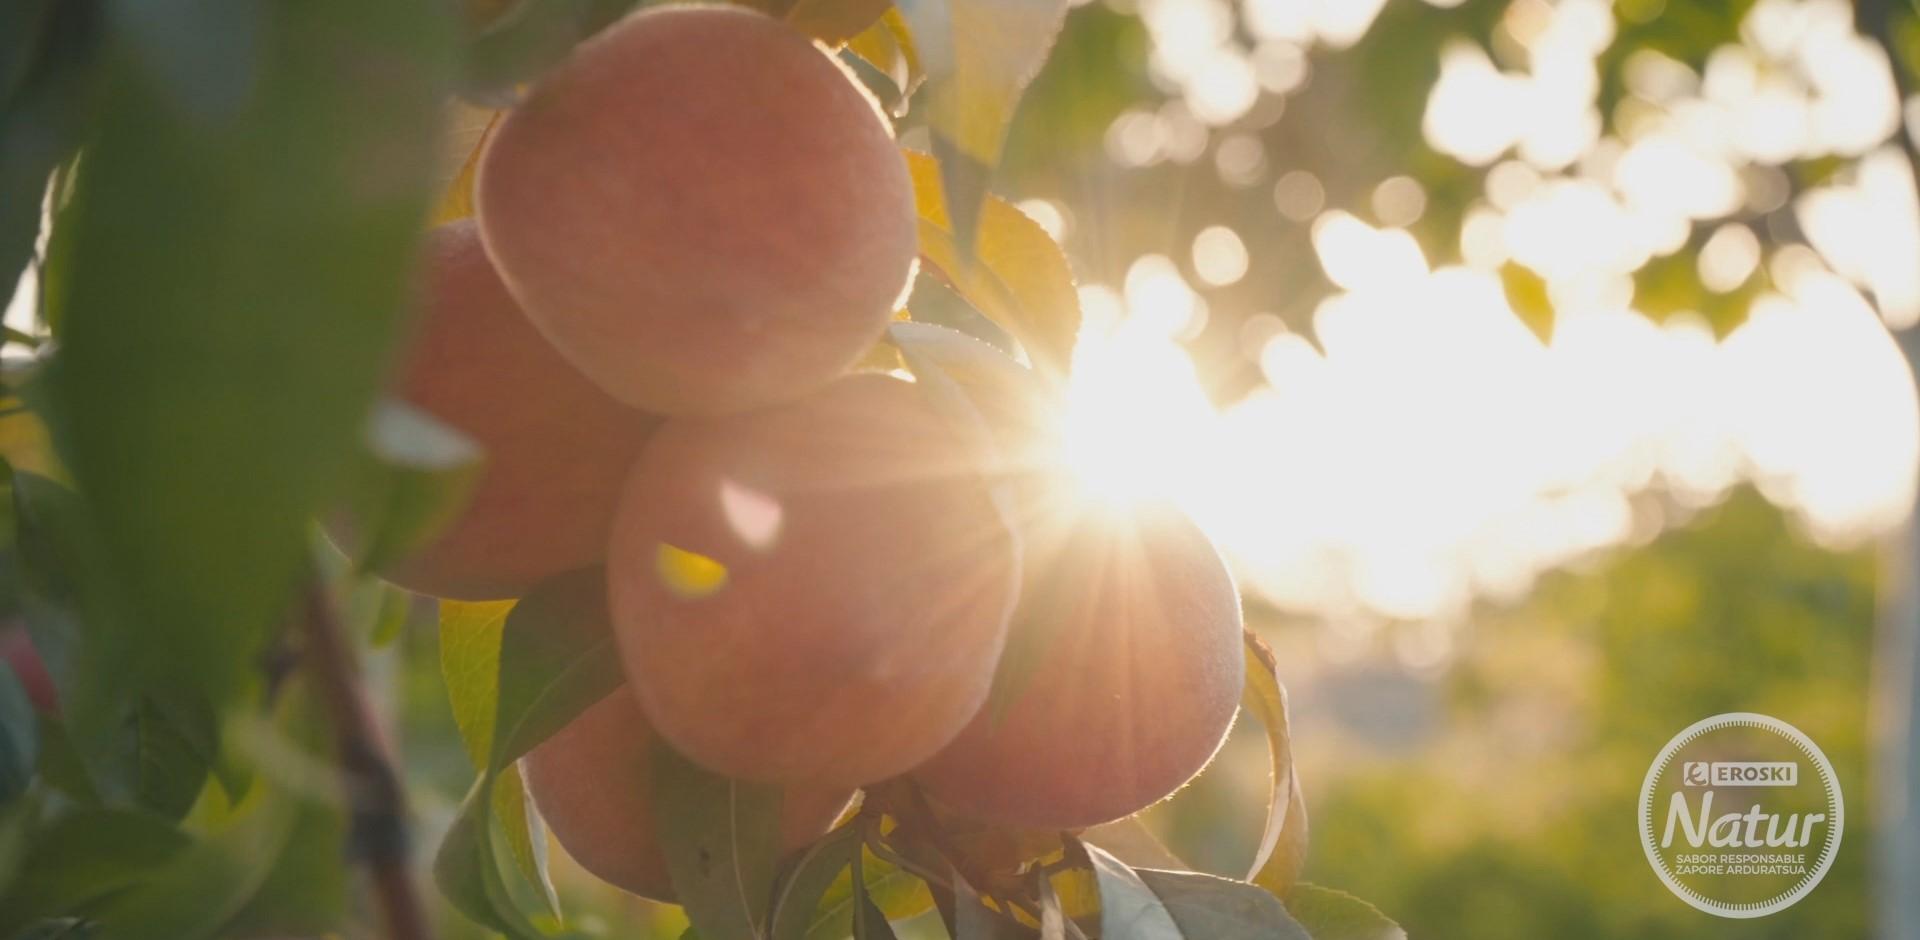 Verano saludable y sostenible con la fruta de hueso EROSKI Natur